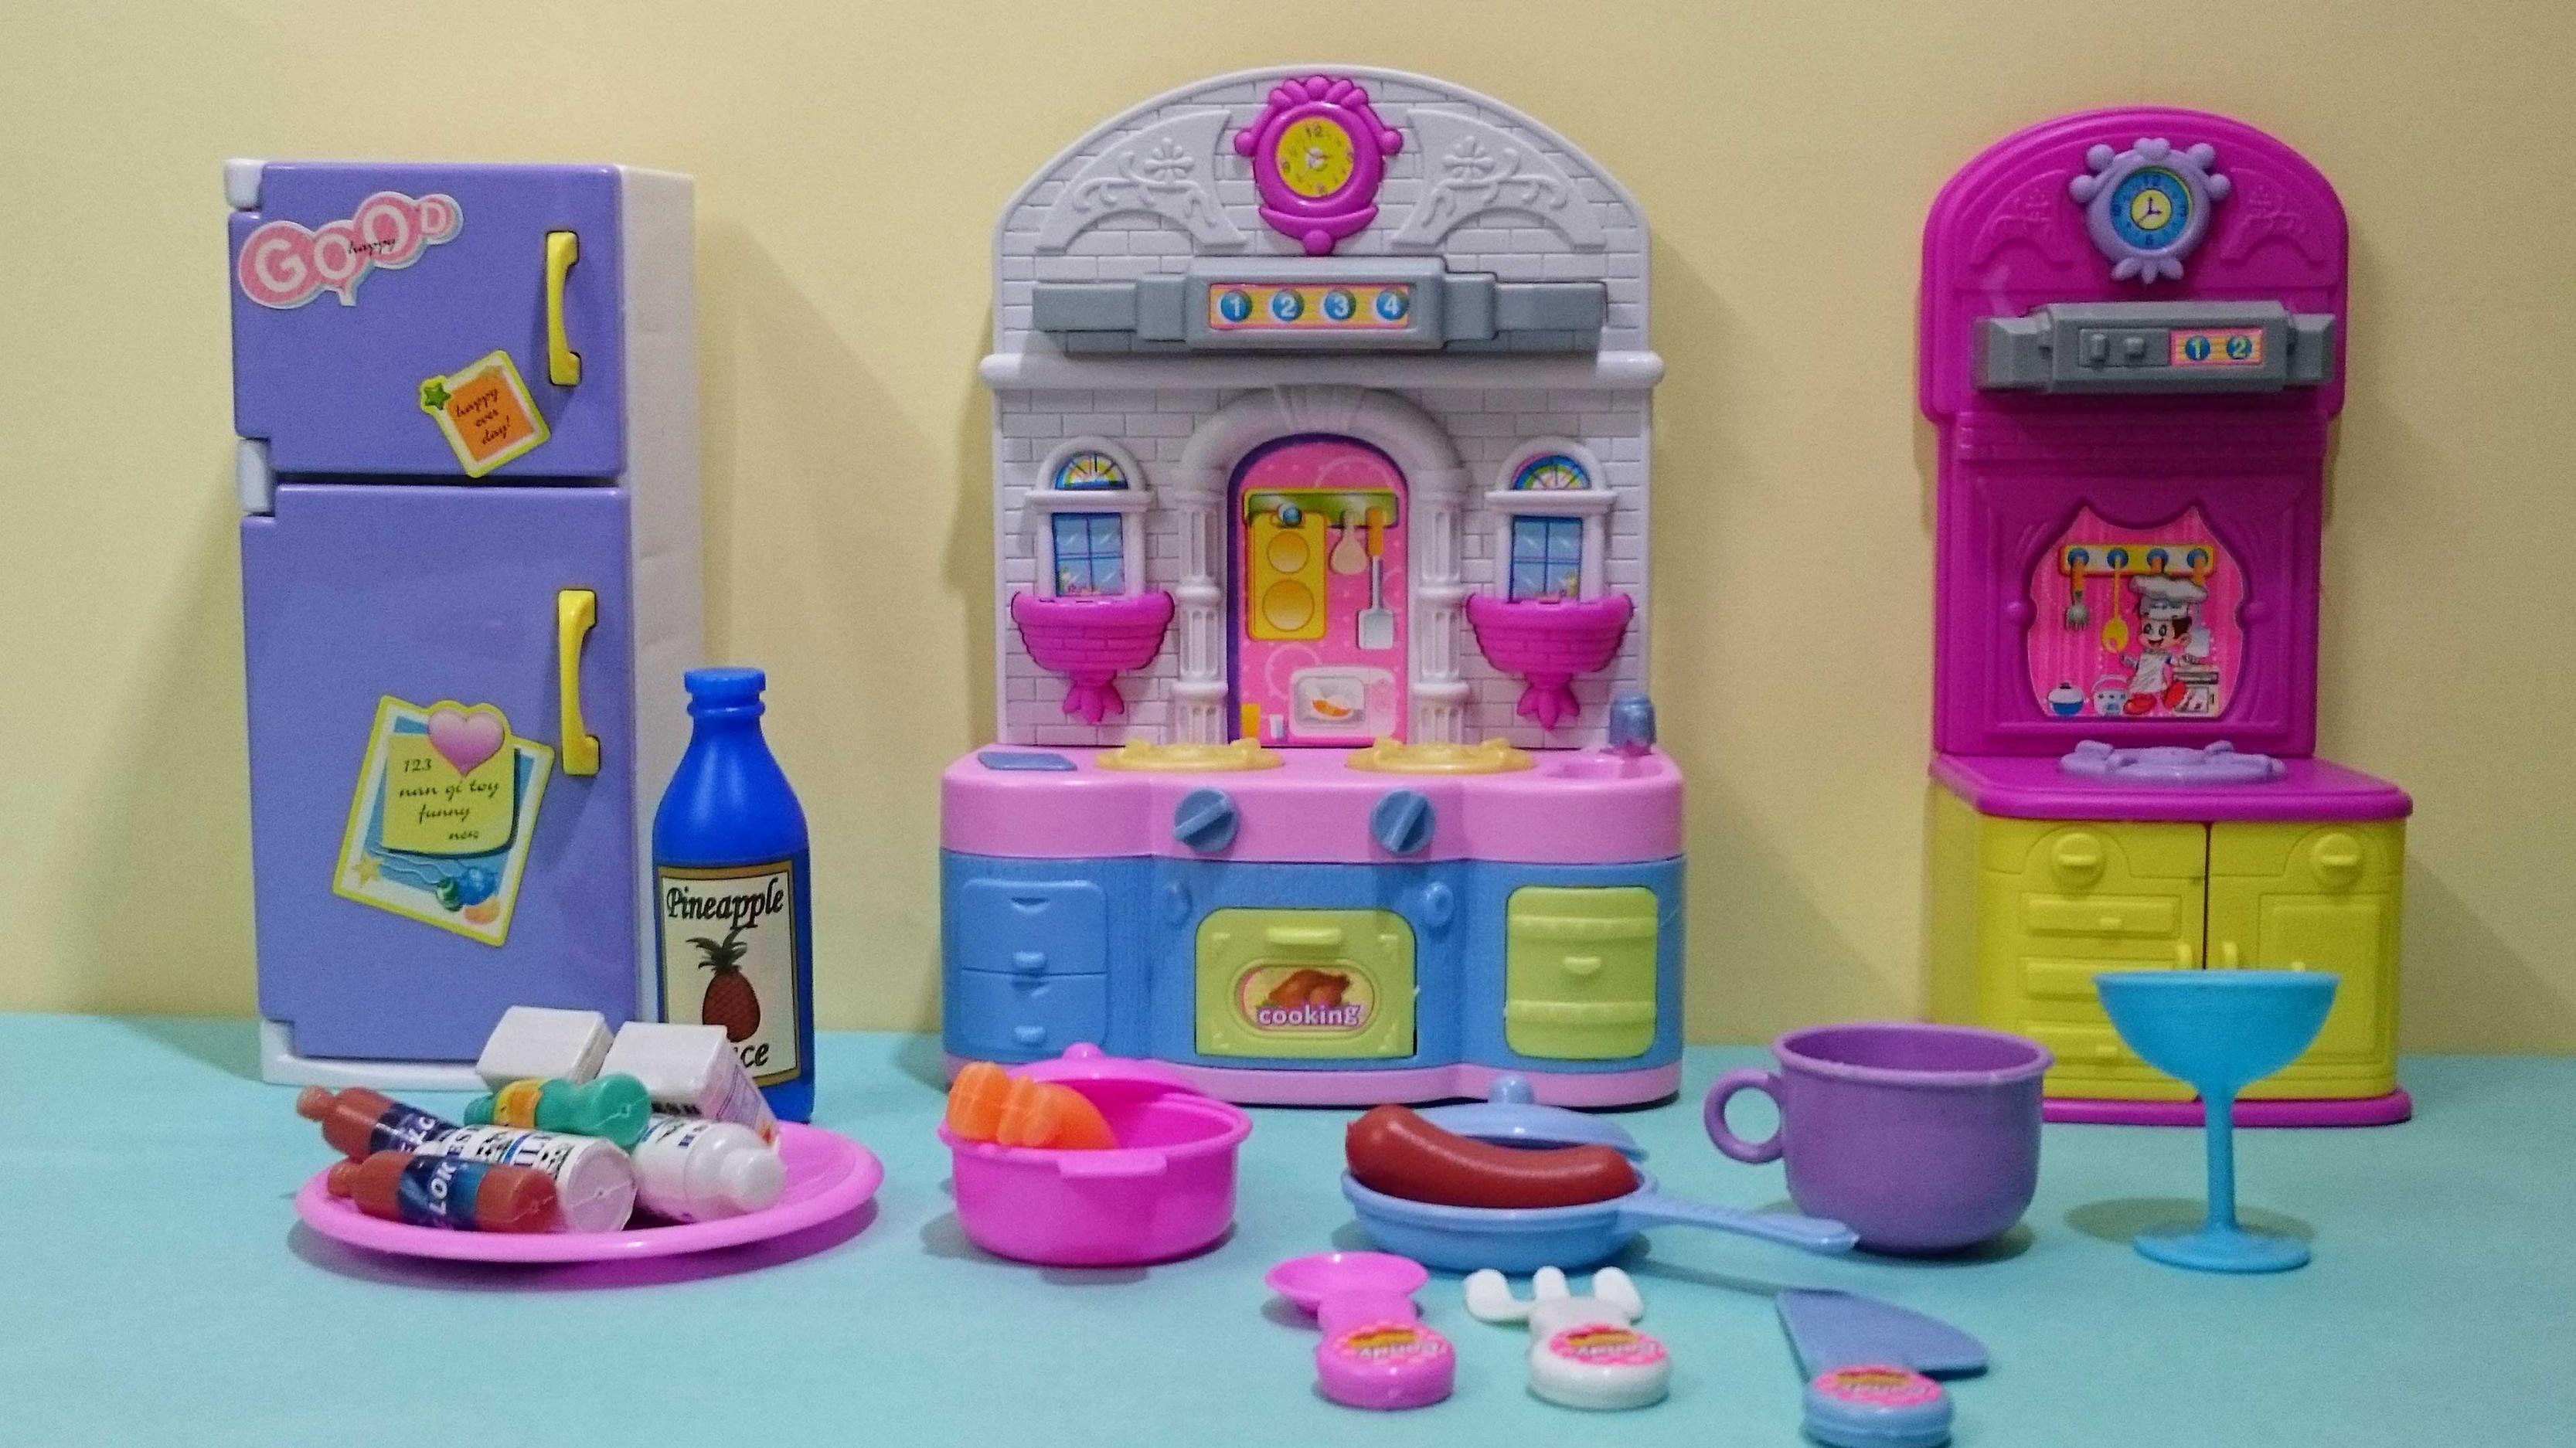 بالصور لعب اطفال بنات , اشكال متنوعة من الالعاب تشتريها لابنتك 3232 2